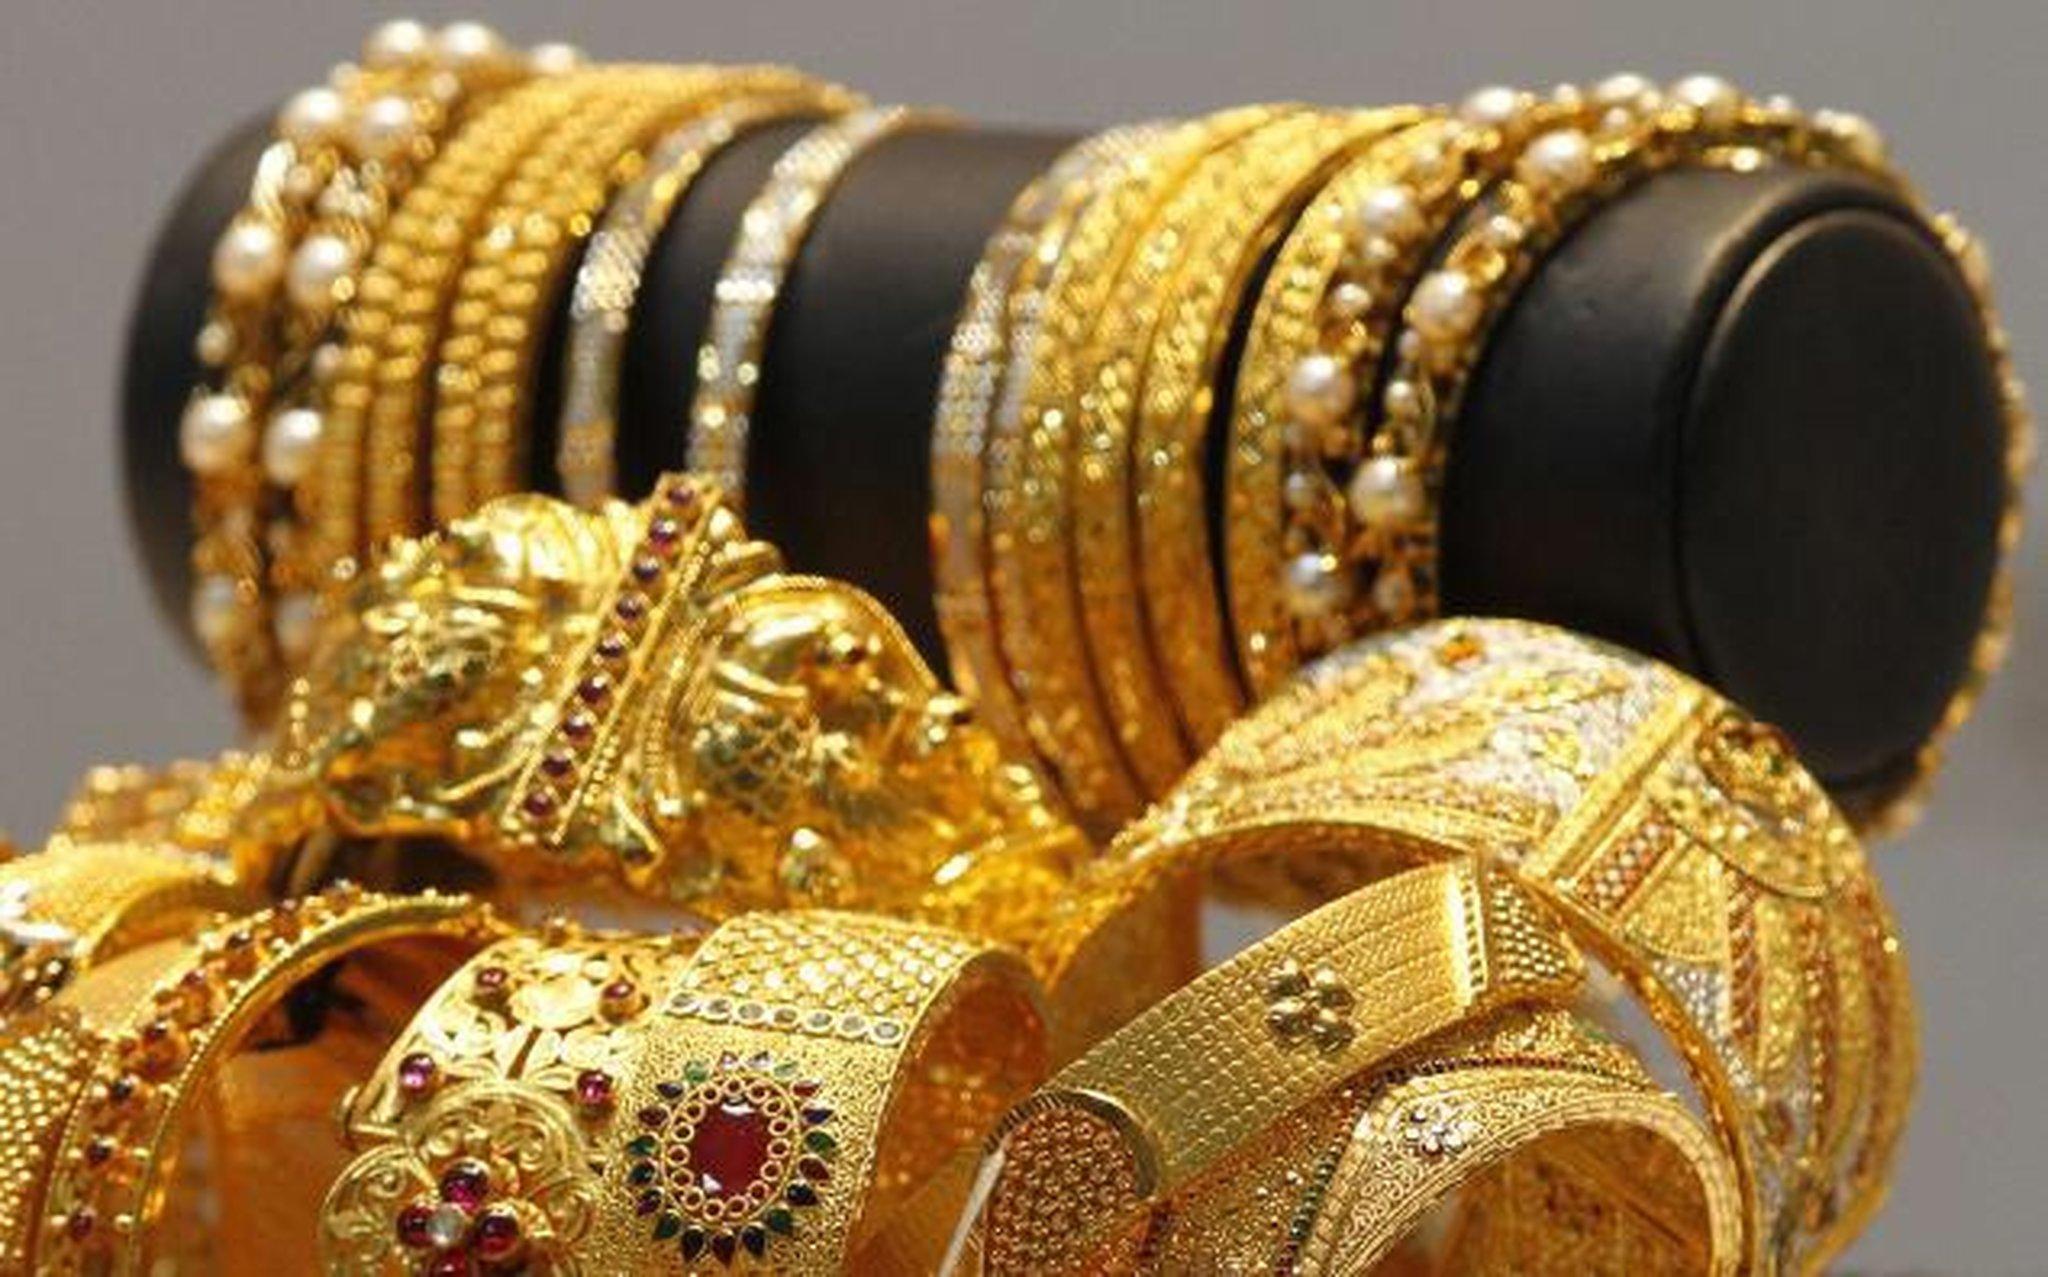 تعرف على أسعار الذهب اليوم 23/10/2016